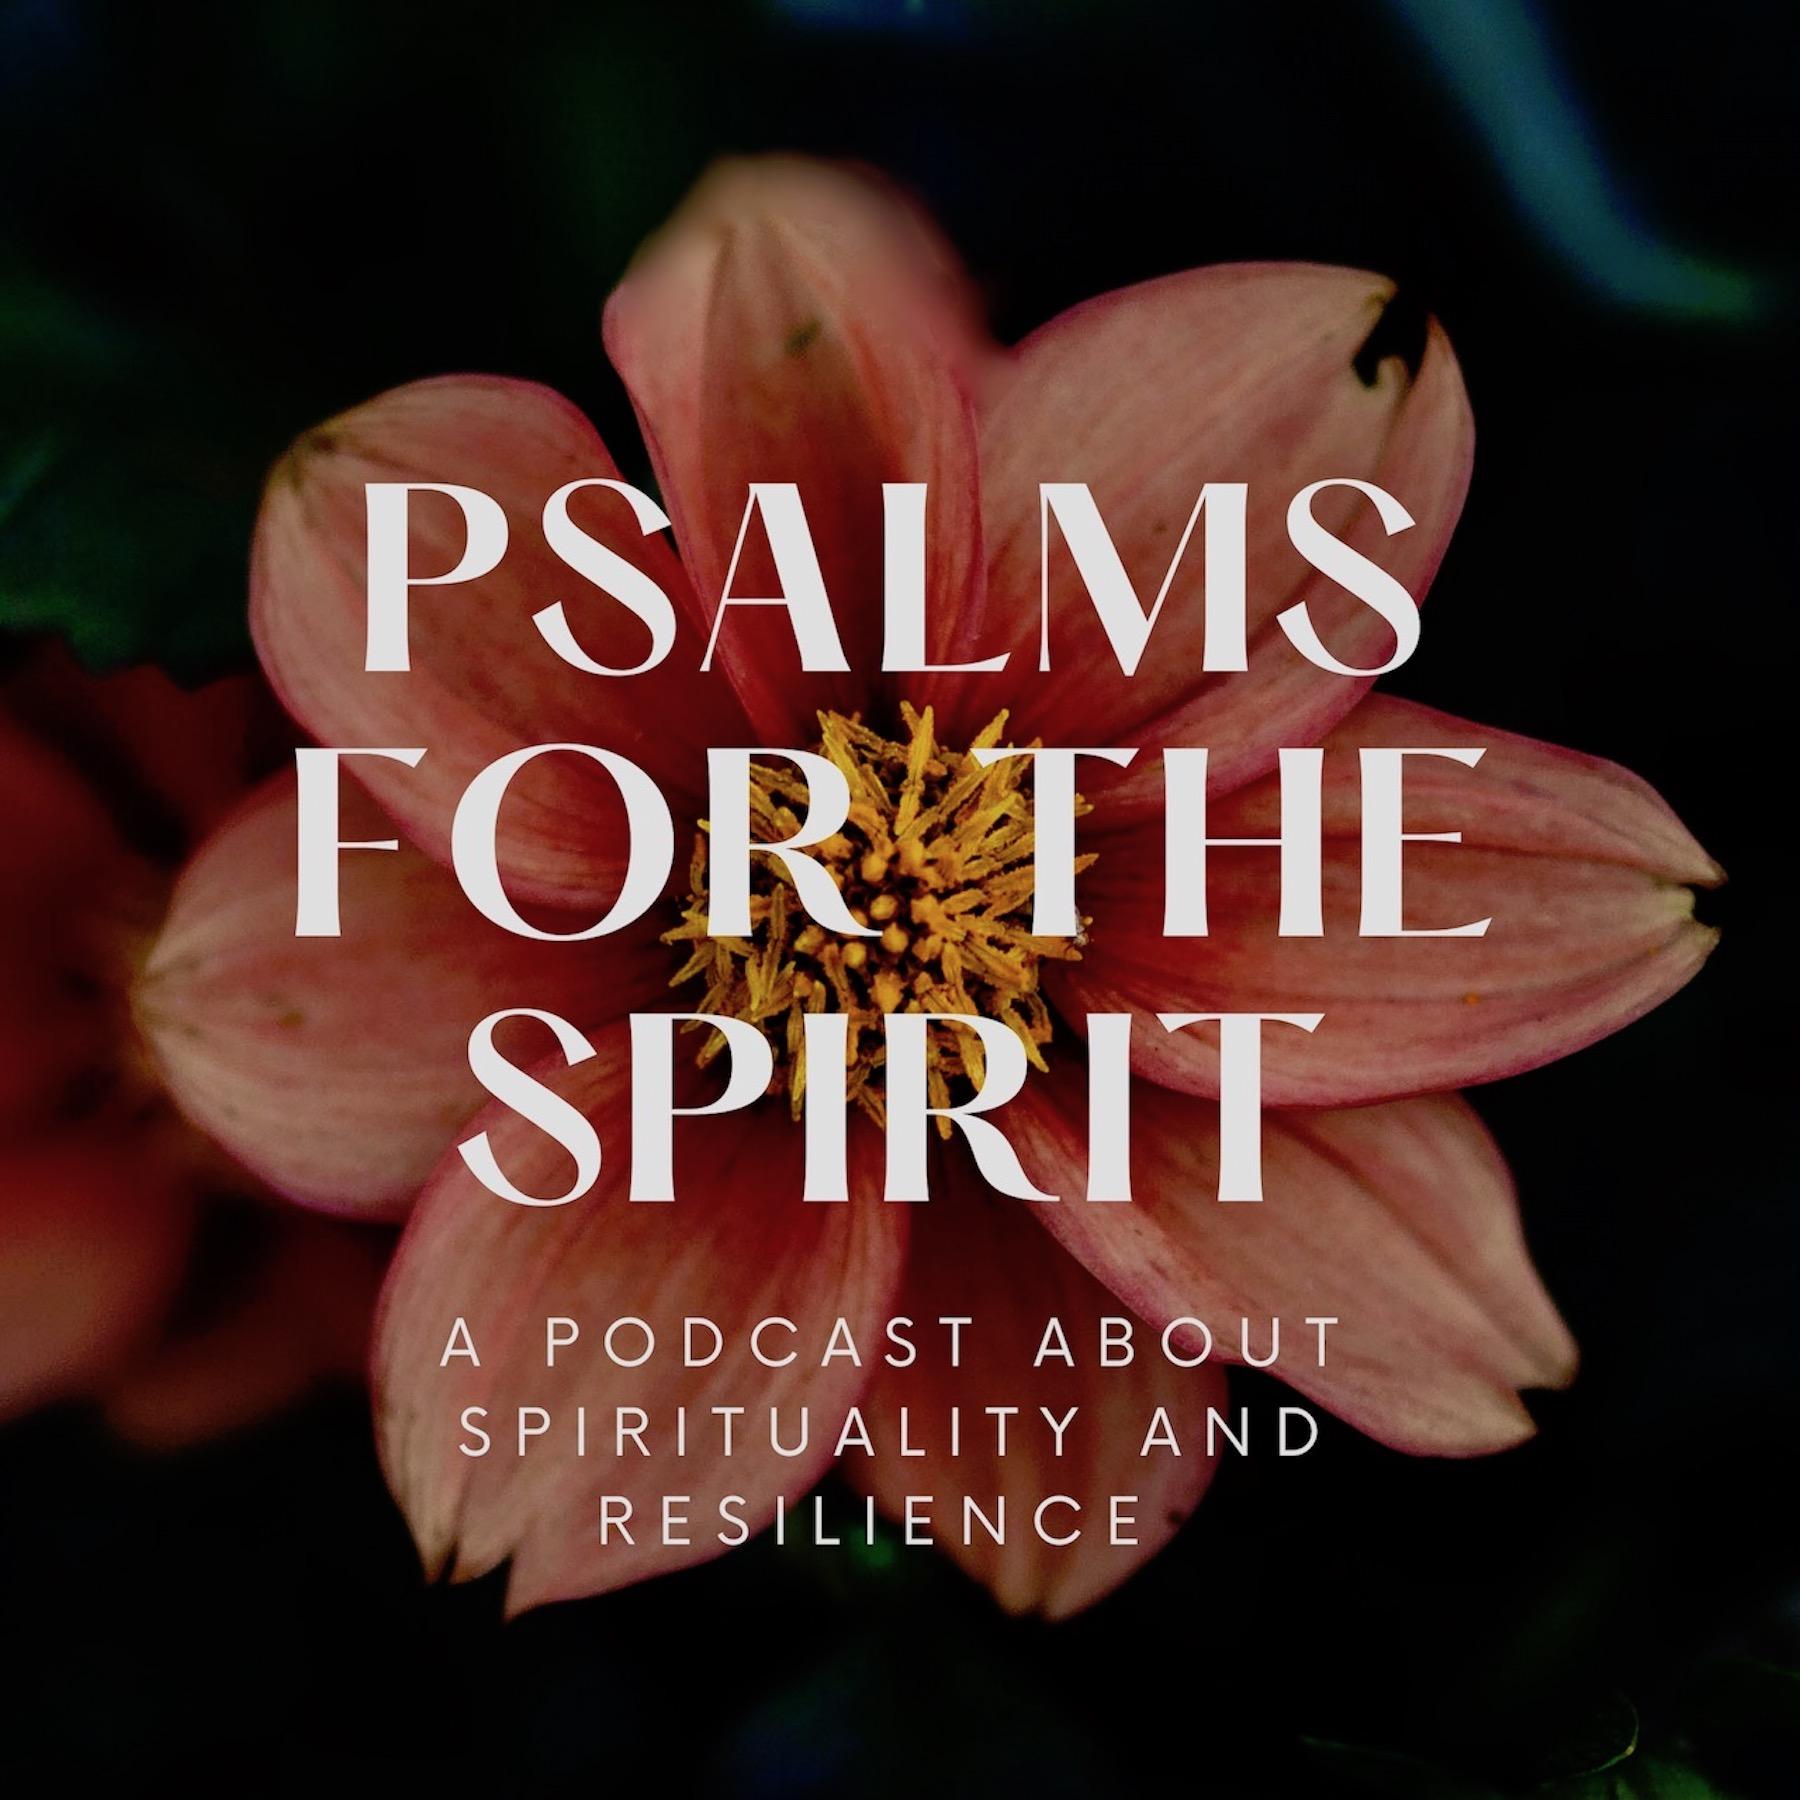 Artwork for podcast Psalms for the Spirit